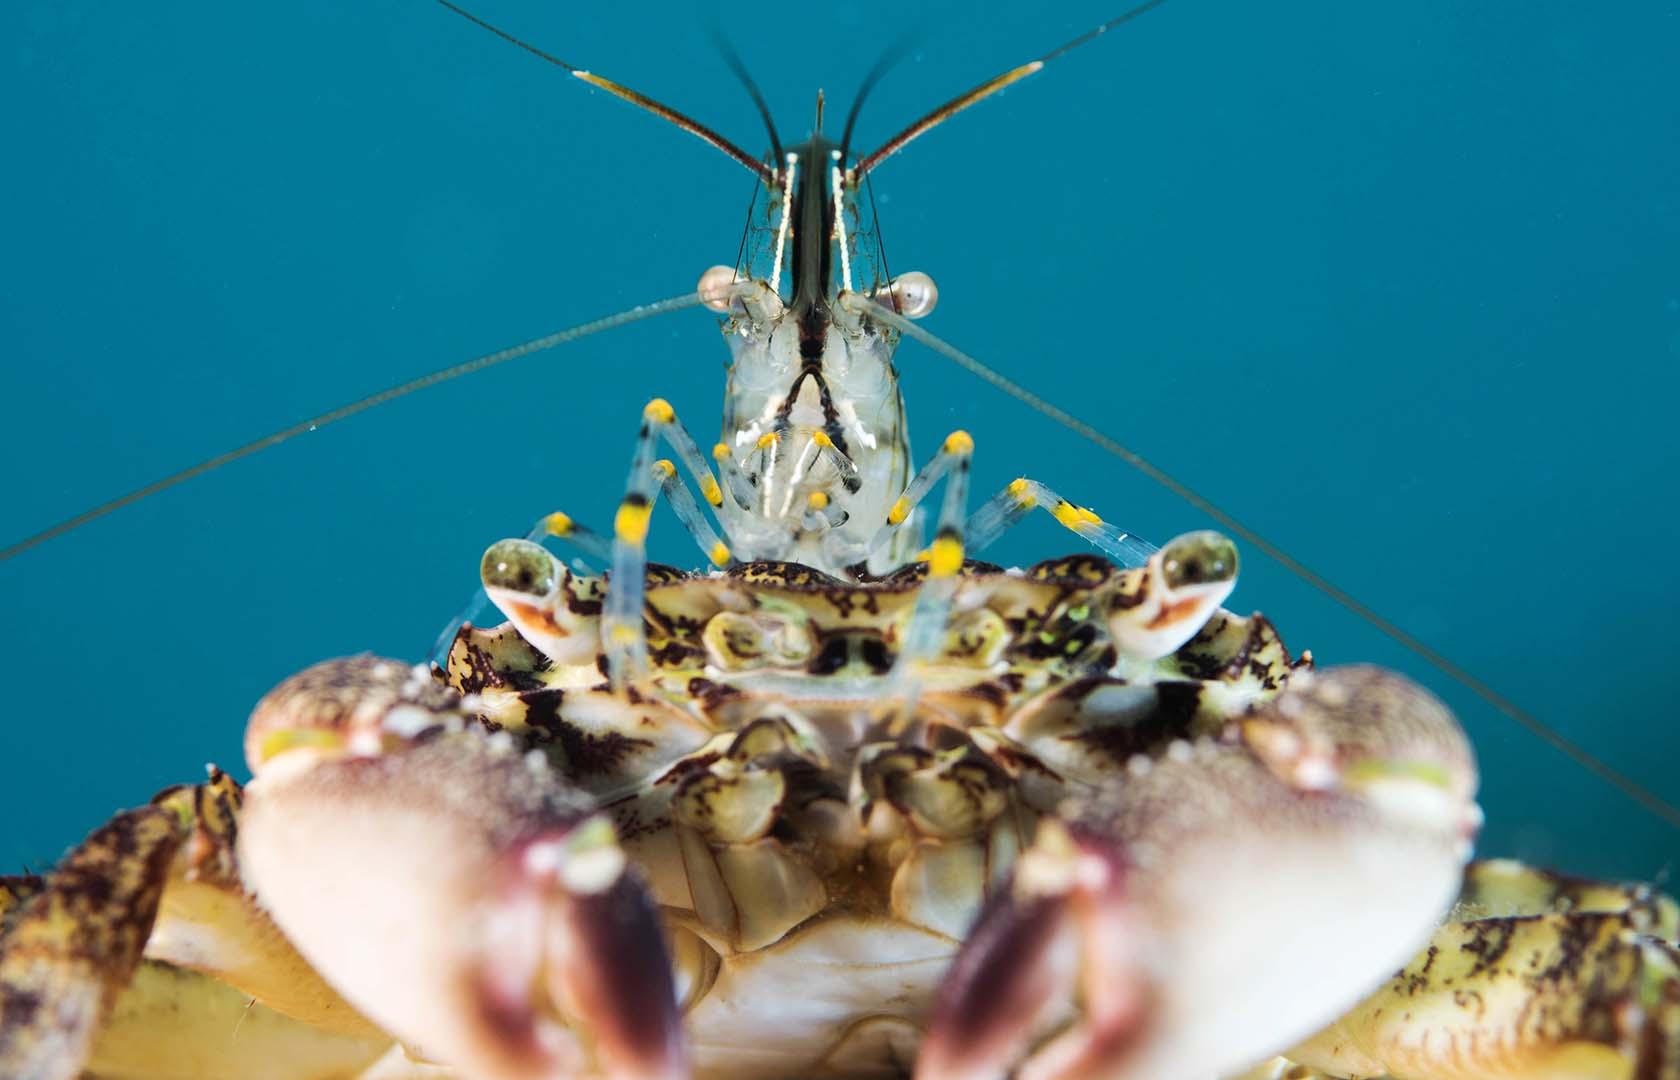 Cangrejo conviviendo con un camarón.